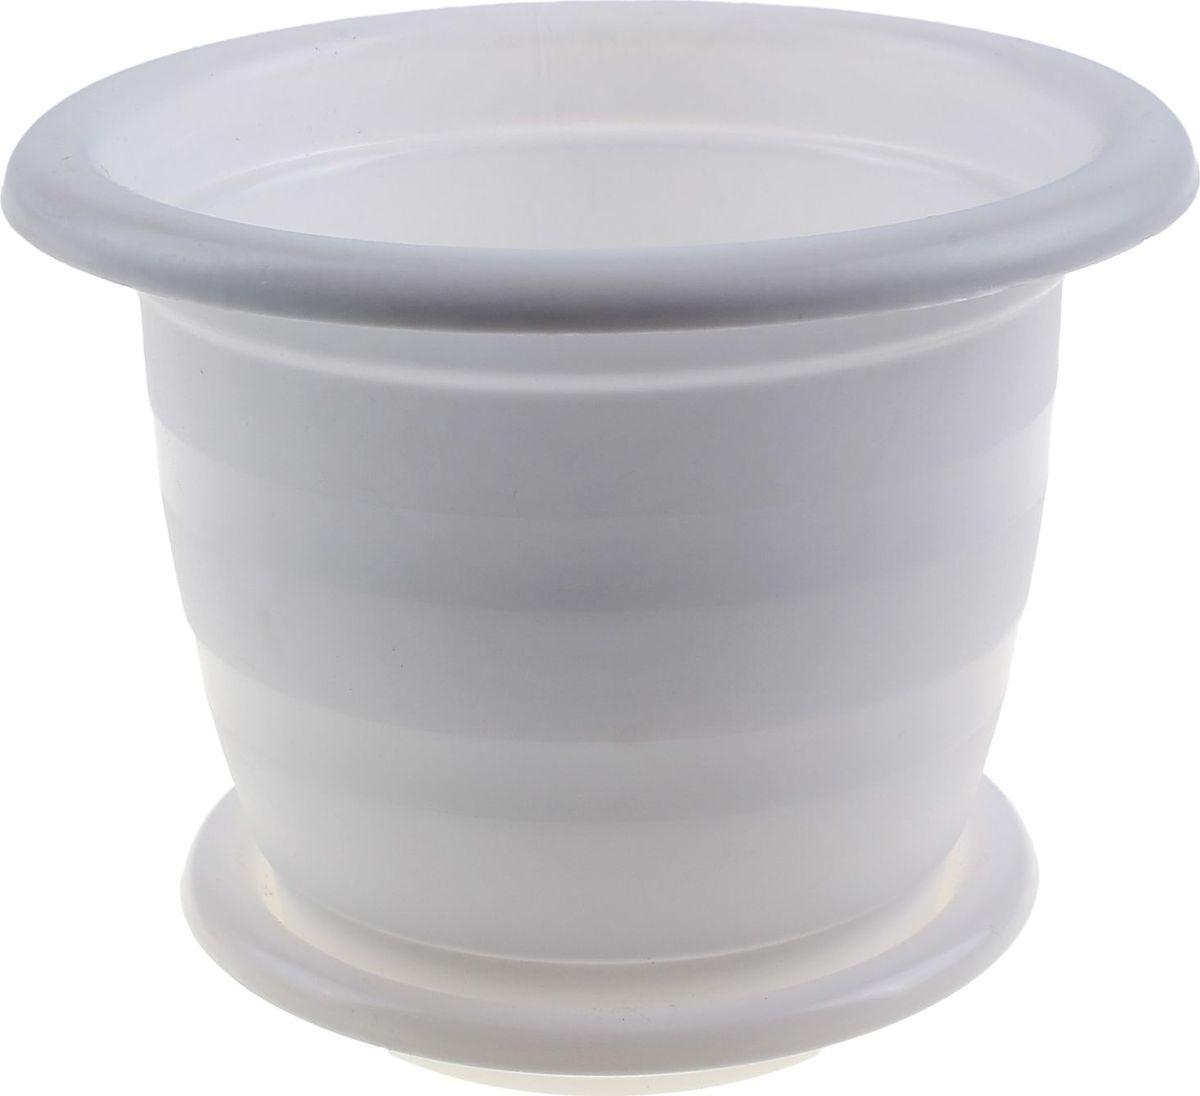 Горшок для цветов Альтернатива Виола, с поддоном, цвет: белый, 5 л531-105Любой, даже самый современный и продуманный интерьер будет не завершённым без растений. Они не только очищают воздух и насыщают его кислородом, но и заметно украшают окружающее пространство. Такому полезному члену семьи просто необходимо красивое и функциональное кашпо, оригинальный горшок или необычная ваза! Мы предлагаем - Горшок для цветов 5 л Виола, с поддоном, цвет белый! Оптимальный выбор материала пластмасса! Почему мы так считаем? Малый вес. С лёгкостью переносите горшки и кашпо с места на место, ставьте их на столики или полки, подвешивайте под потолок, не беспокоясь о нагрузке. Простота ухода. Пластиковые изделия не нуждаются в специальных условиях хранения. Их легко чистить достаточно просто сполоснуть тёплой водой. Никаких царапин. Пластиковые кашпо не царапают и не загрязняют поверхности, на которых стоят. Пластик дольше хранит влагу, а значит растение реже нуждается в поливе. Пластмасса не пропускает воздух корневой системе растения не грозят резкие перепады температур. Огромный выбор форм, декора и расцветок вы без труда подберёте что-то, что идеально впишется в уже существующий интерьер. Соблюдая нехитрые правила ухода, вы можете заметно продлить срок службы горшков, вазонов и кашпо из пластика: всегда учитывайте размер кроны и корневой системы растения (при разрастании большое растение способно повредить маленький горшок)берегите изделие от воздействия прямых солнечных лучей, чтобы кашпо и горшки не выцветалидержите кашпо и горшки из пластика подальше от нагревающихся поверхностей. Создавайте прекрасные цветочные композиции, выращивайте рассаду или необычные растения, а низкие цены позволят вам не ограничивать себя в выборе.